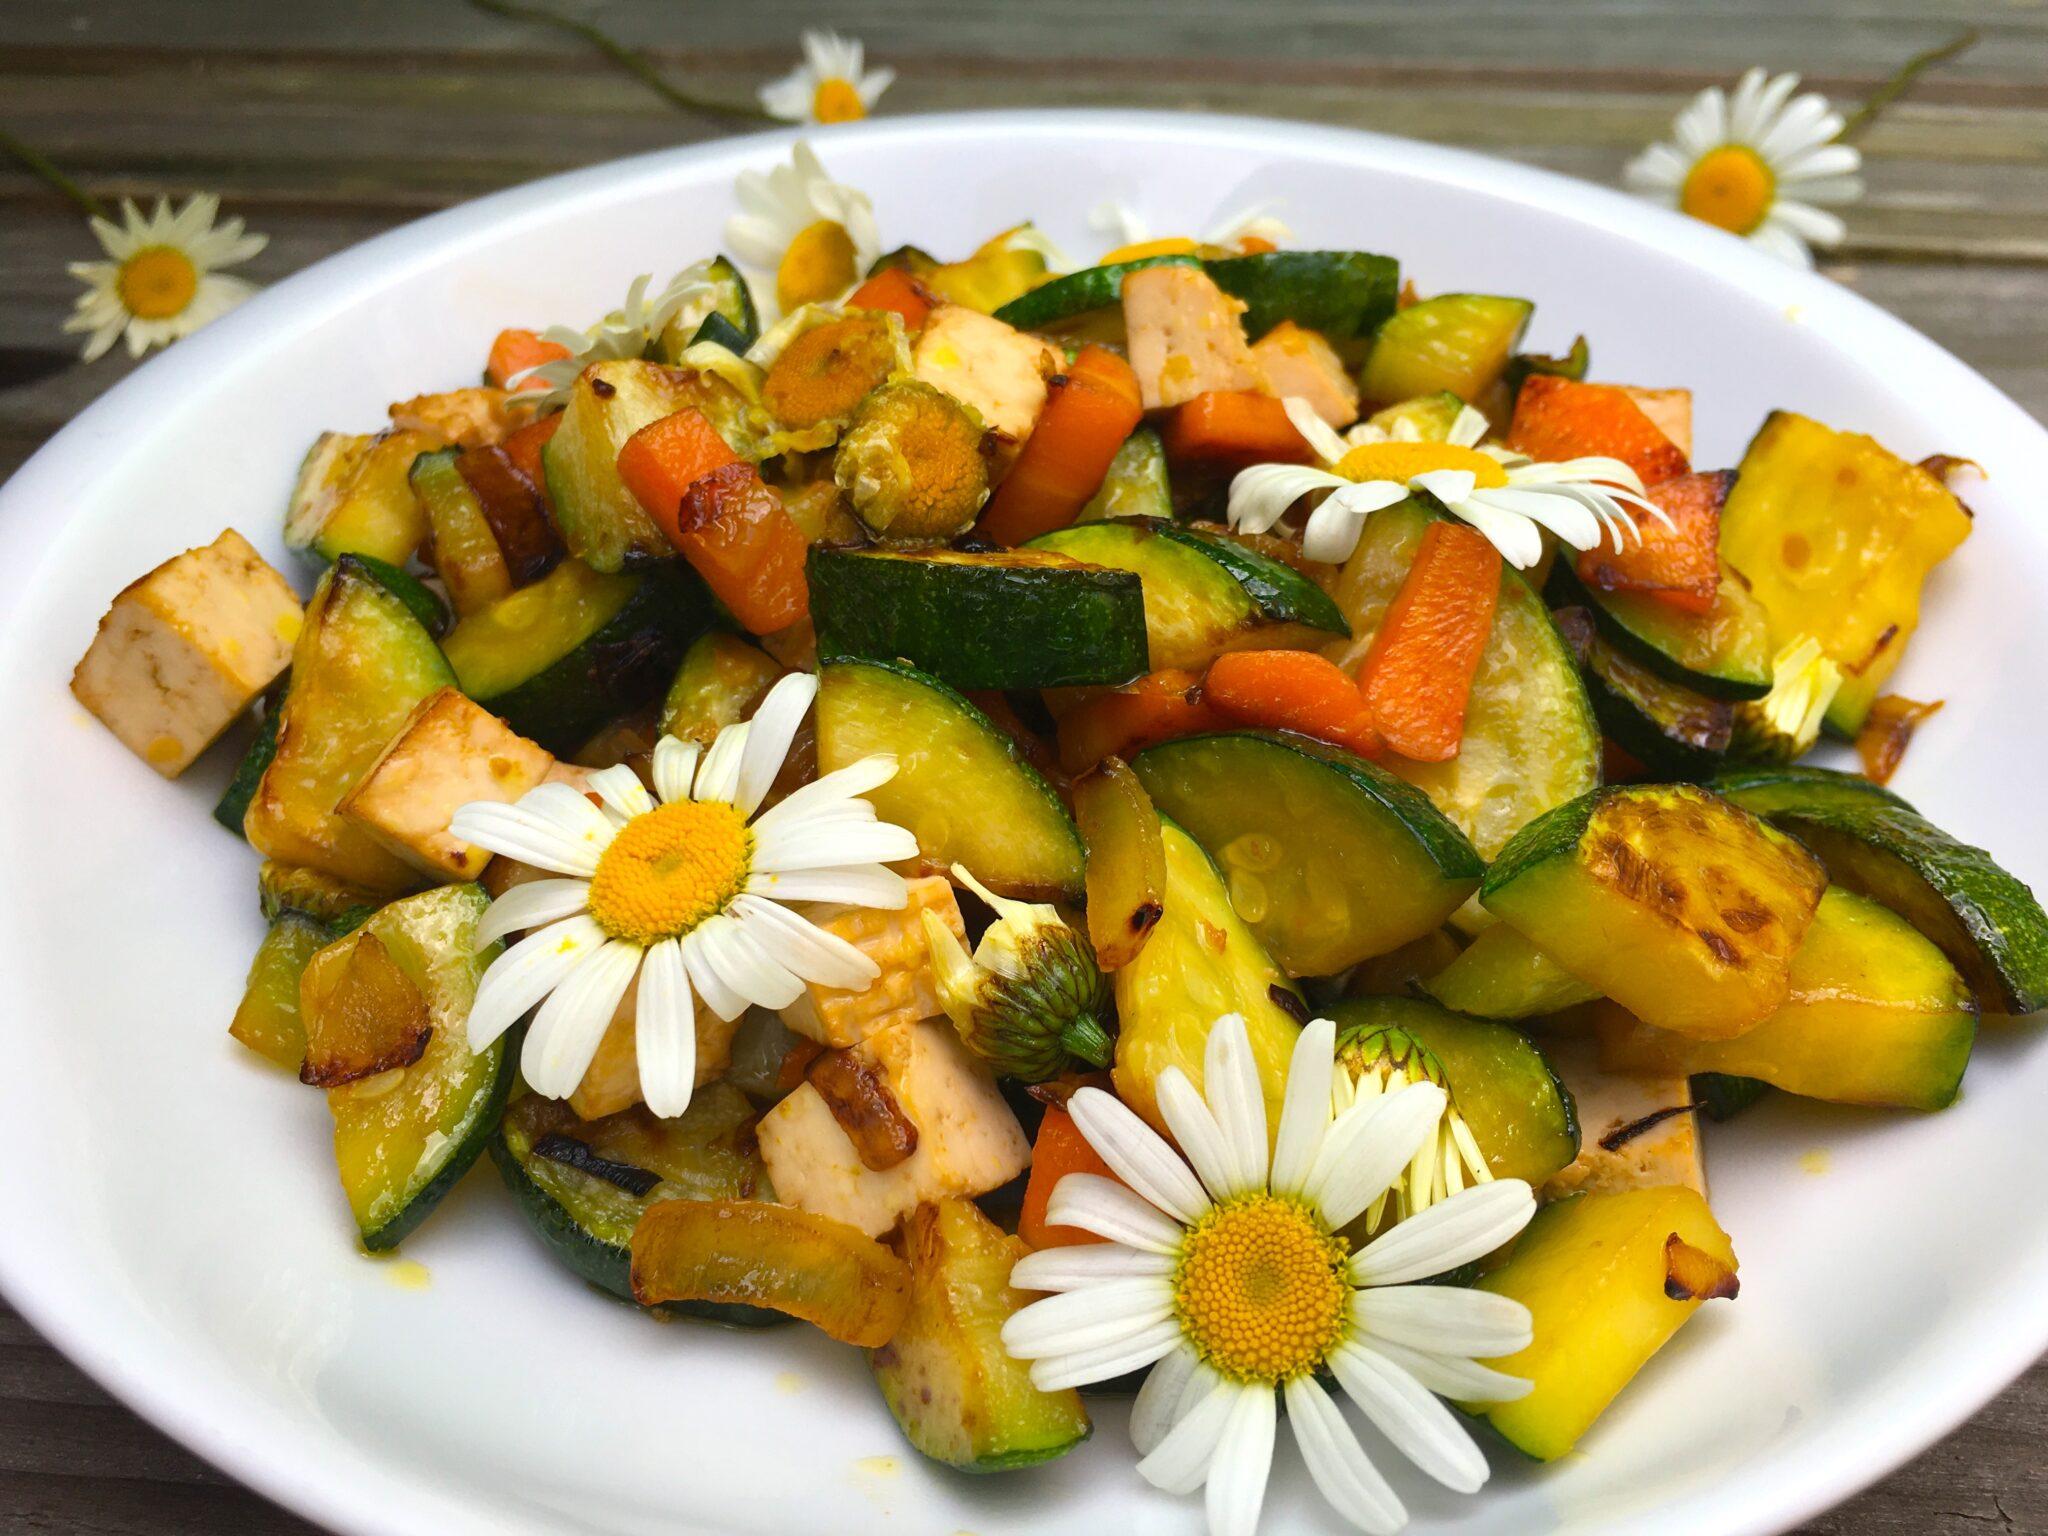 Poêlée de légumes aux fleurs de marguerite